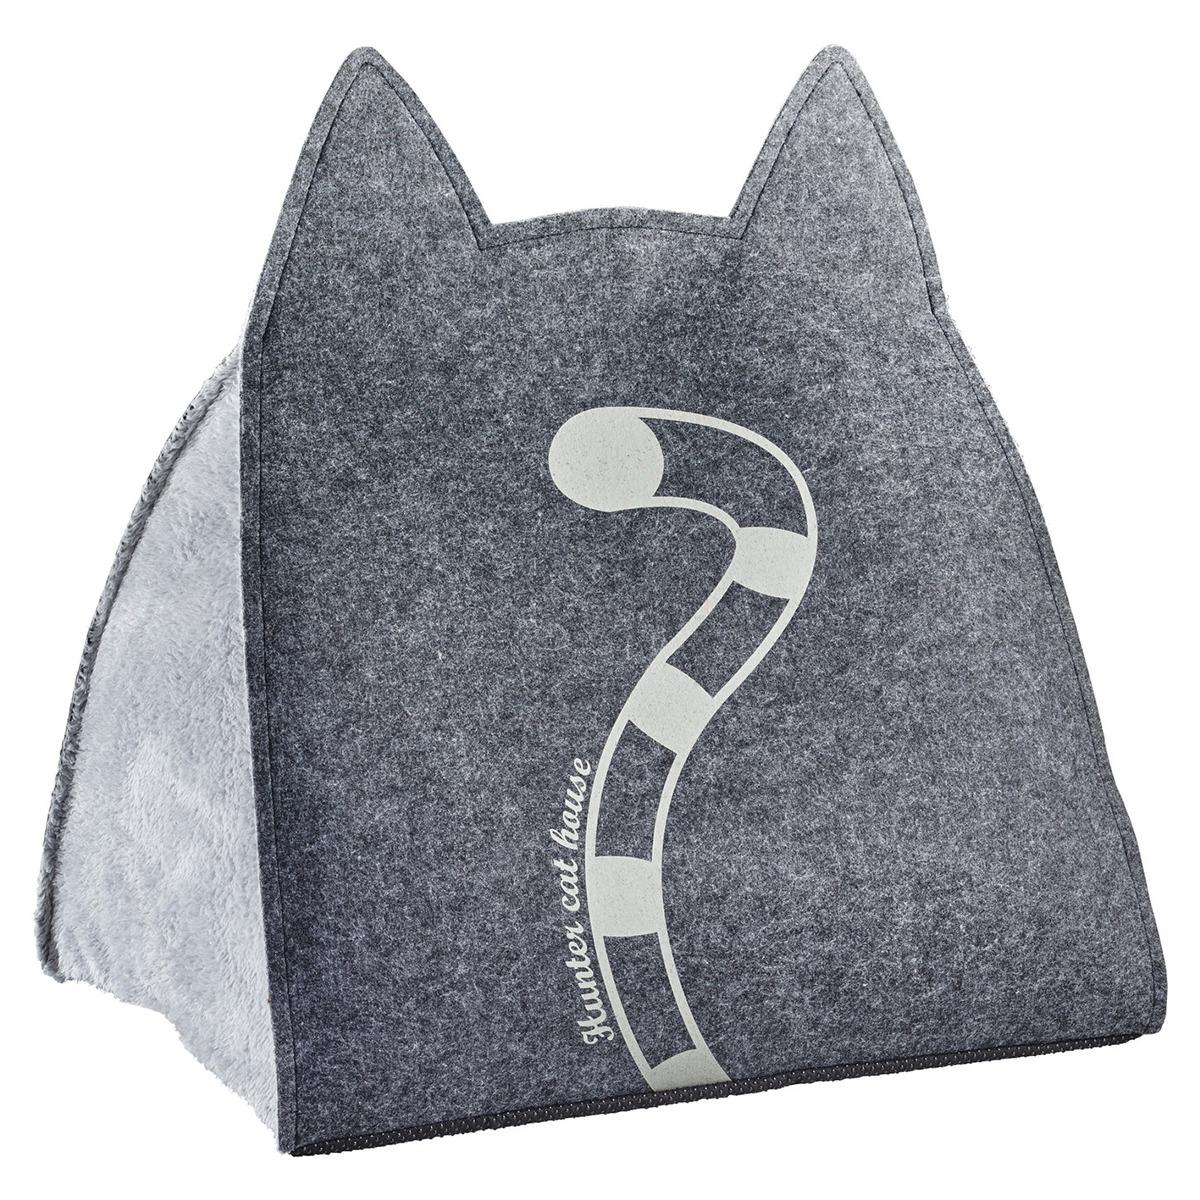 hunter katzenh hle lille anthrazit grau. Black Bedroom Furniture Sets. Home Design Ideas